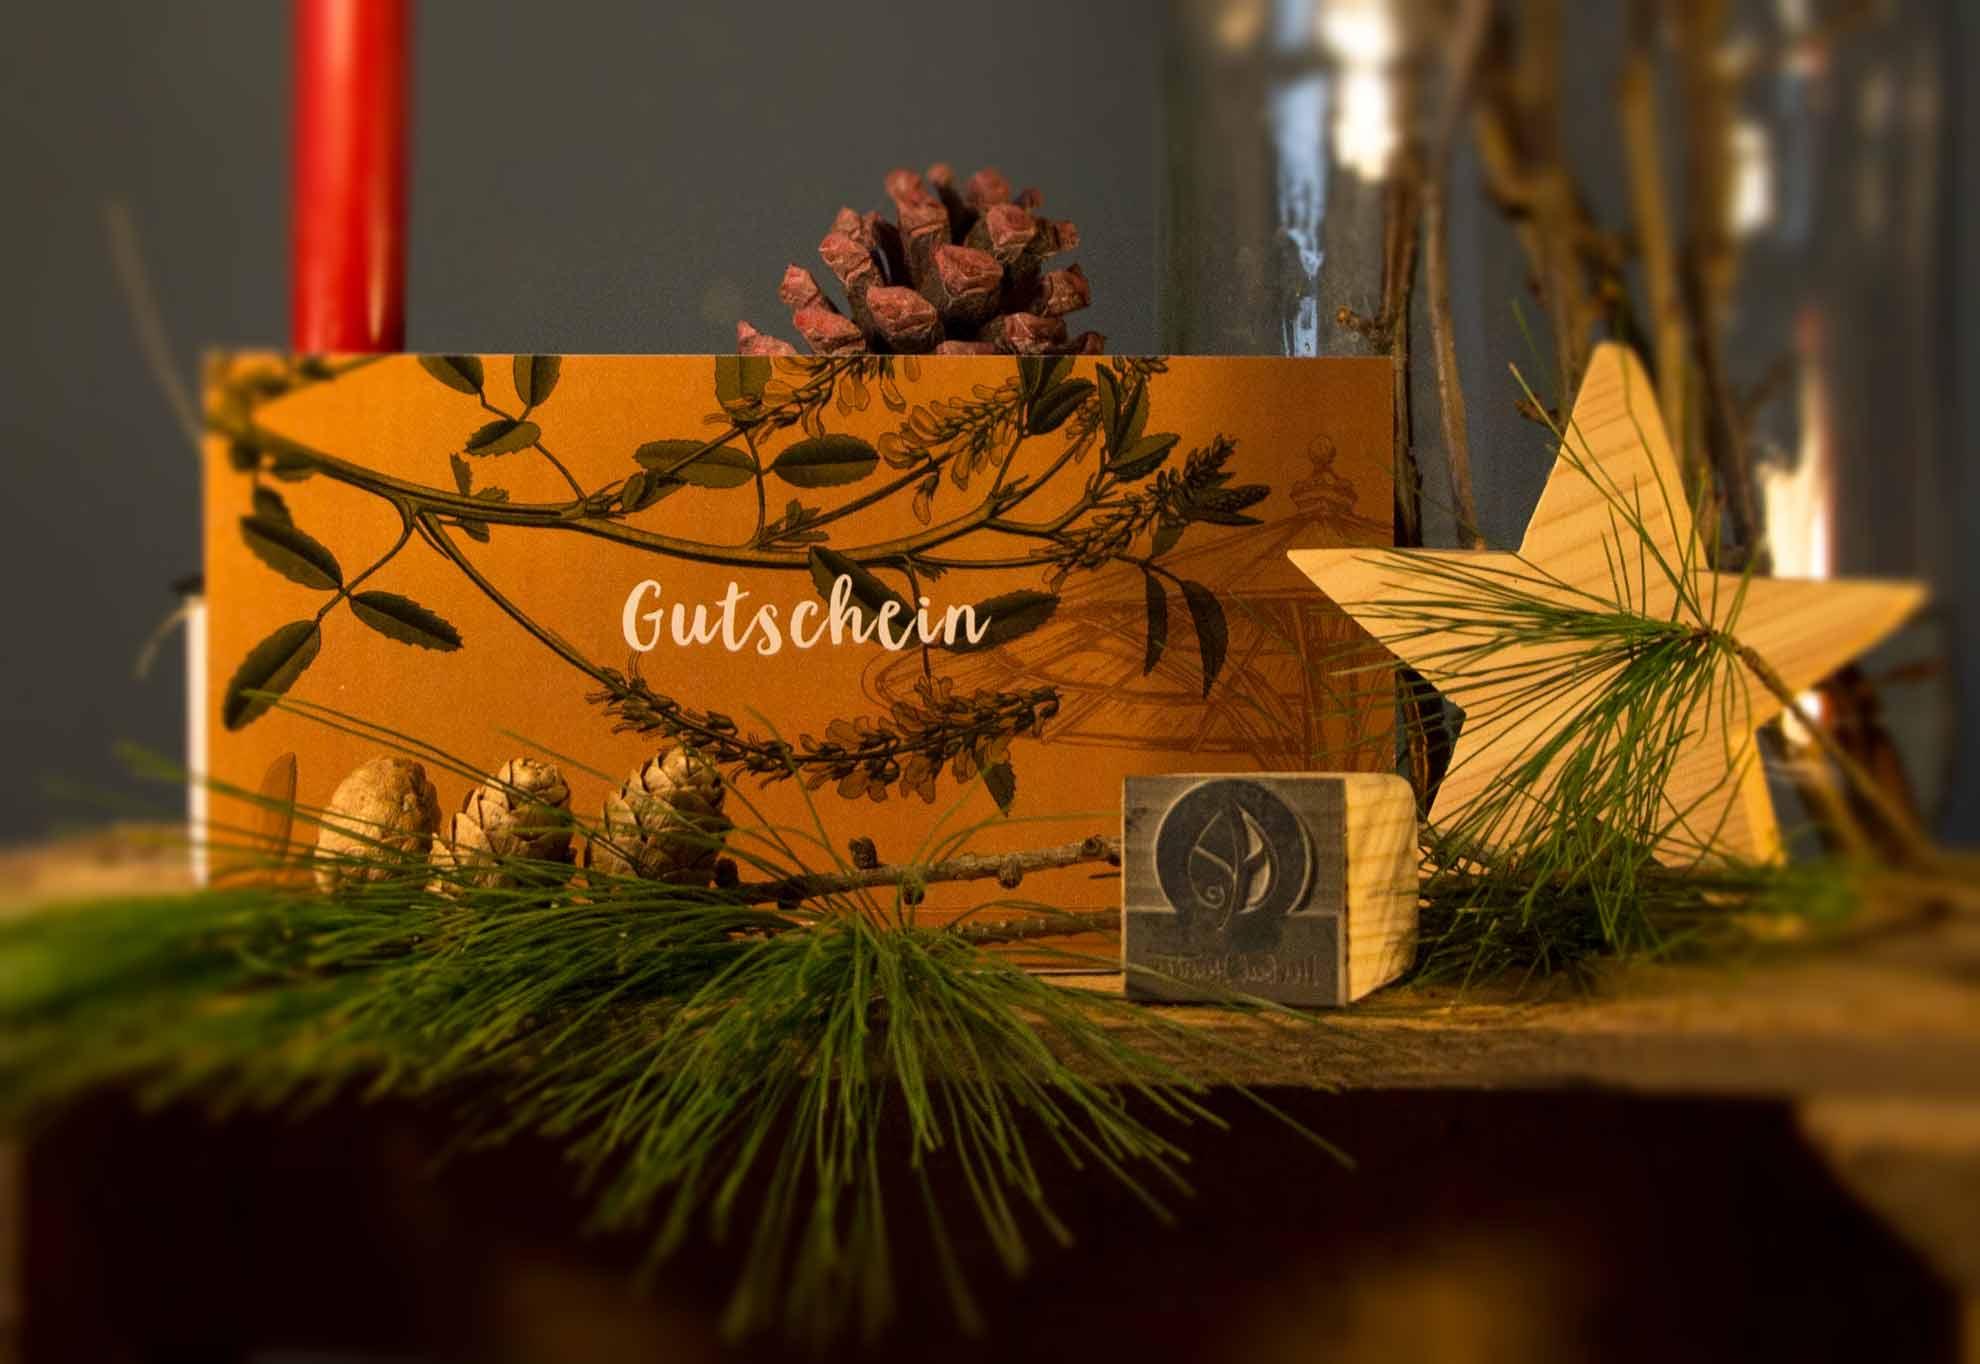 Herbal Hunter Gutschein für eine Kräuterwanderung in Potsdam